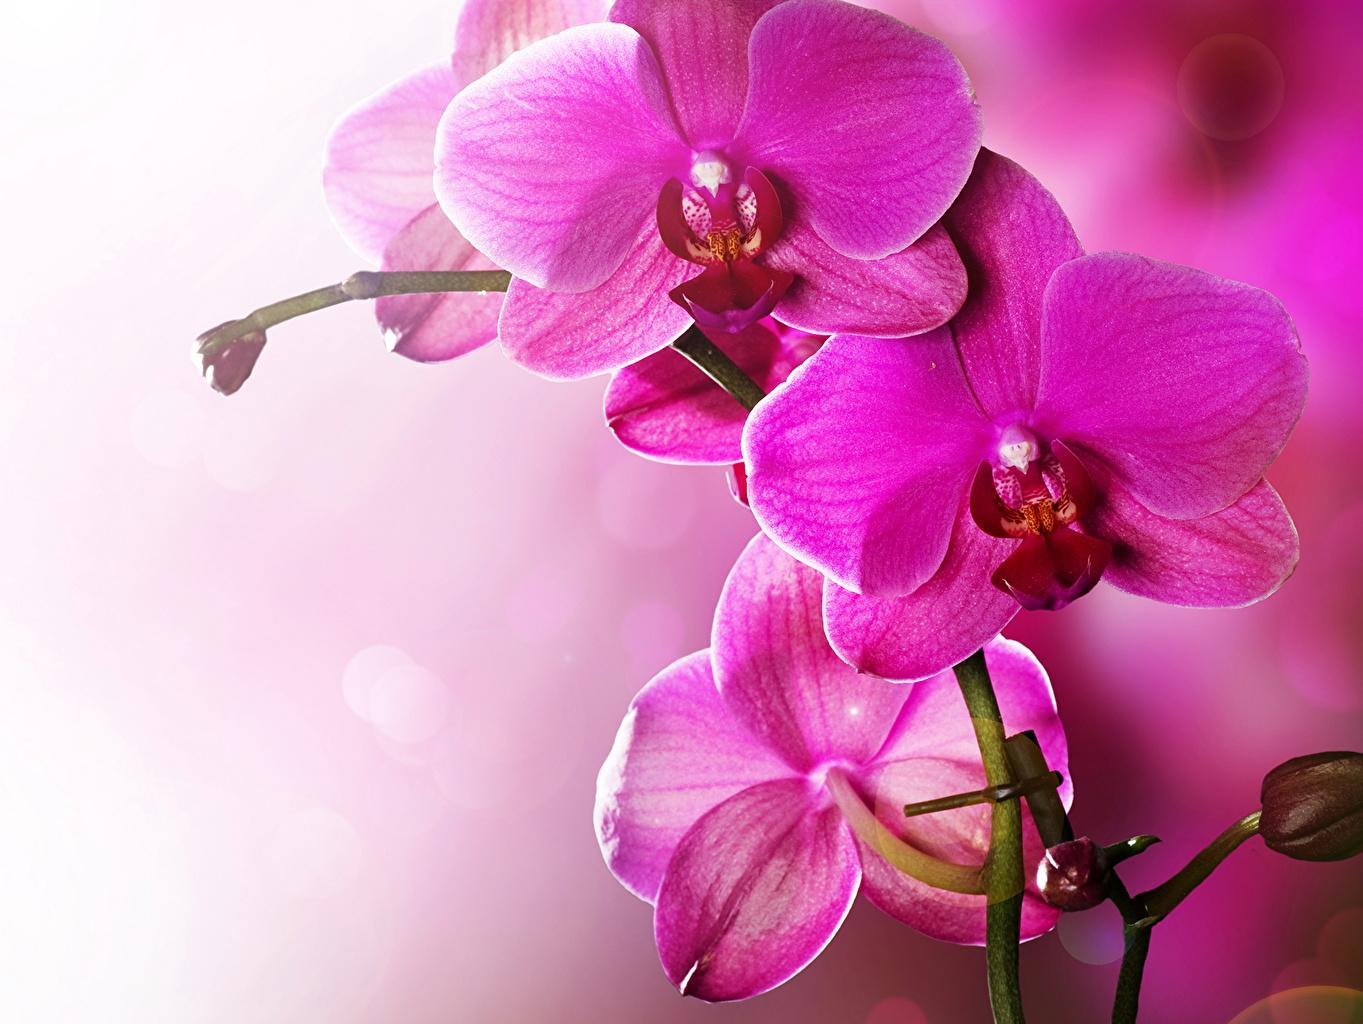 Bilder von Orchideen Blumen Großansicht Orchidee Blüte hautnah Nahaufnahme